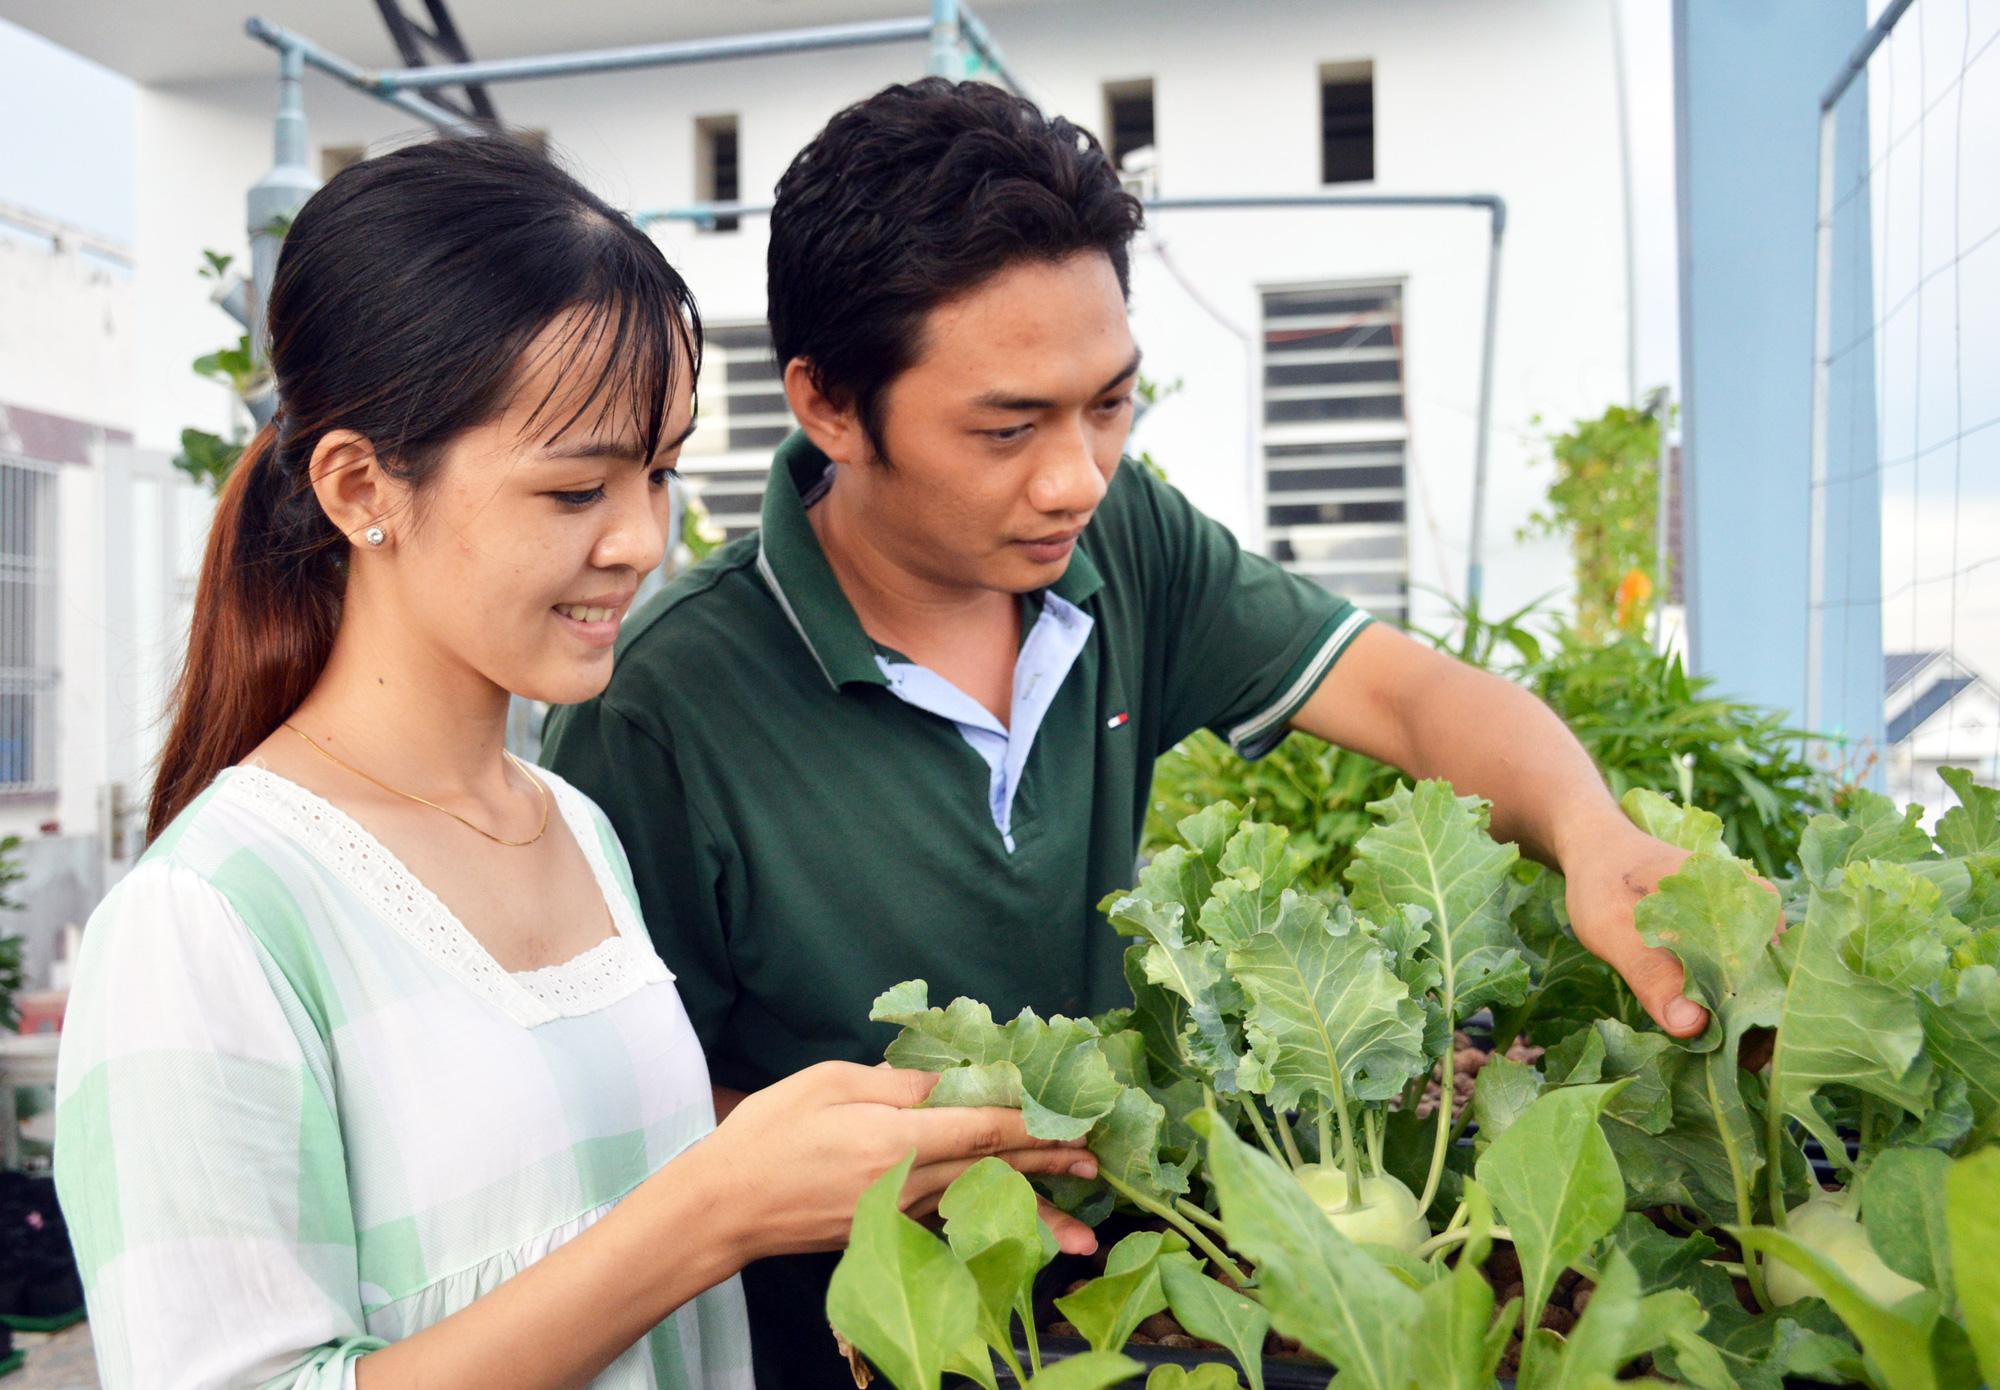 """Ngỡ ngàng """"khu vườn trên mây"""" với hơn 30 loại cây của đôi vợ chồng trẻ - Ảnh 9."""